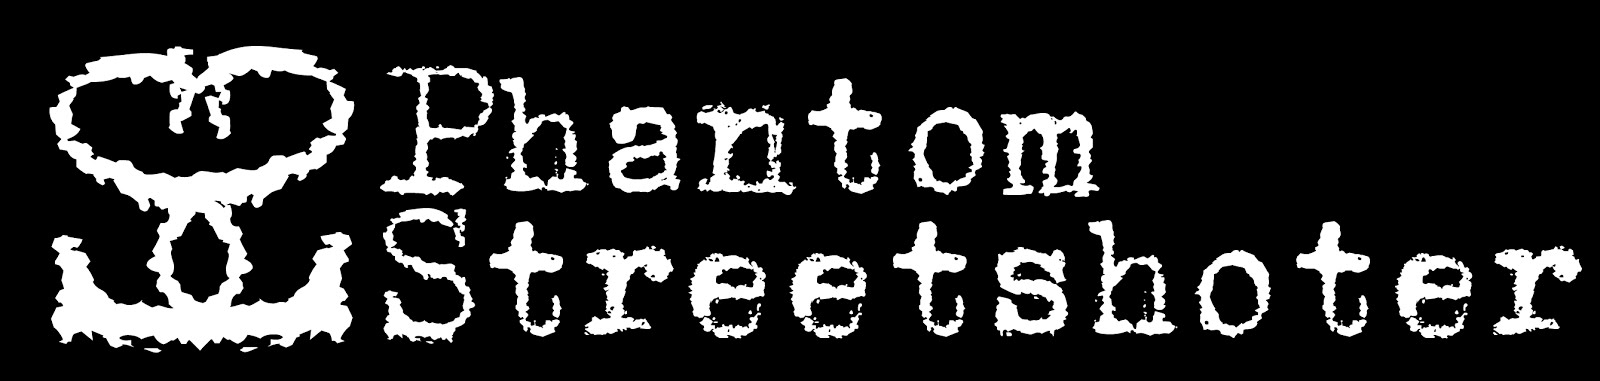 Phantom StreetShooter